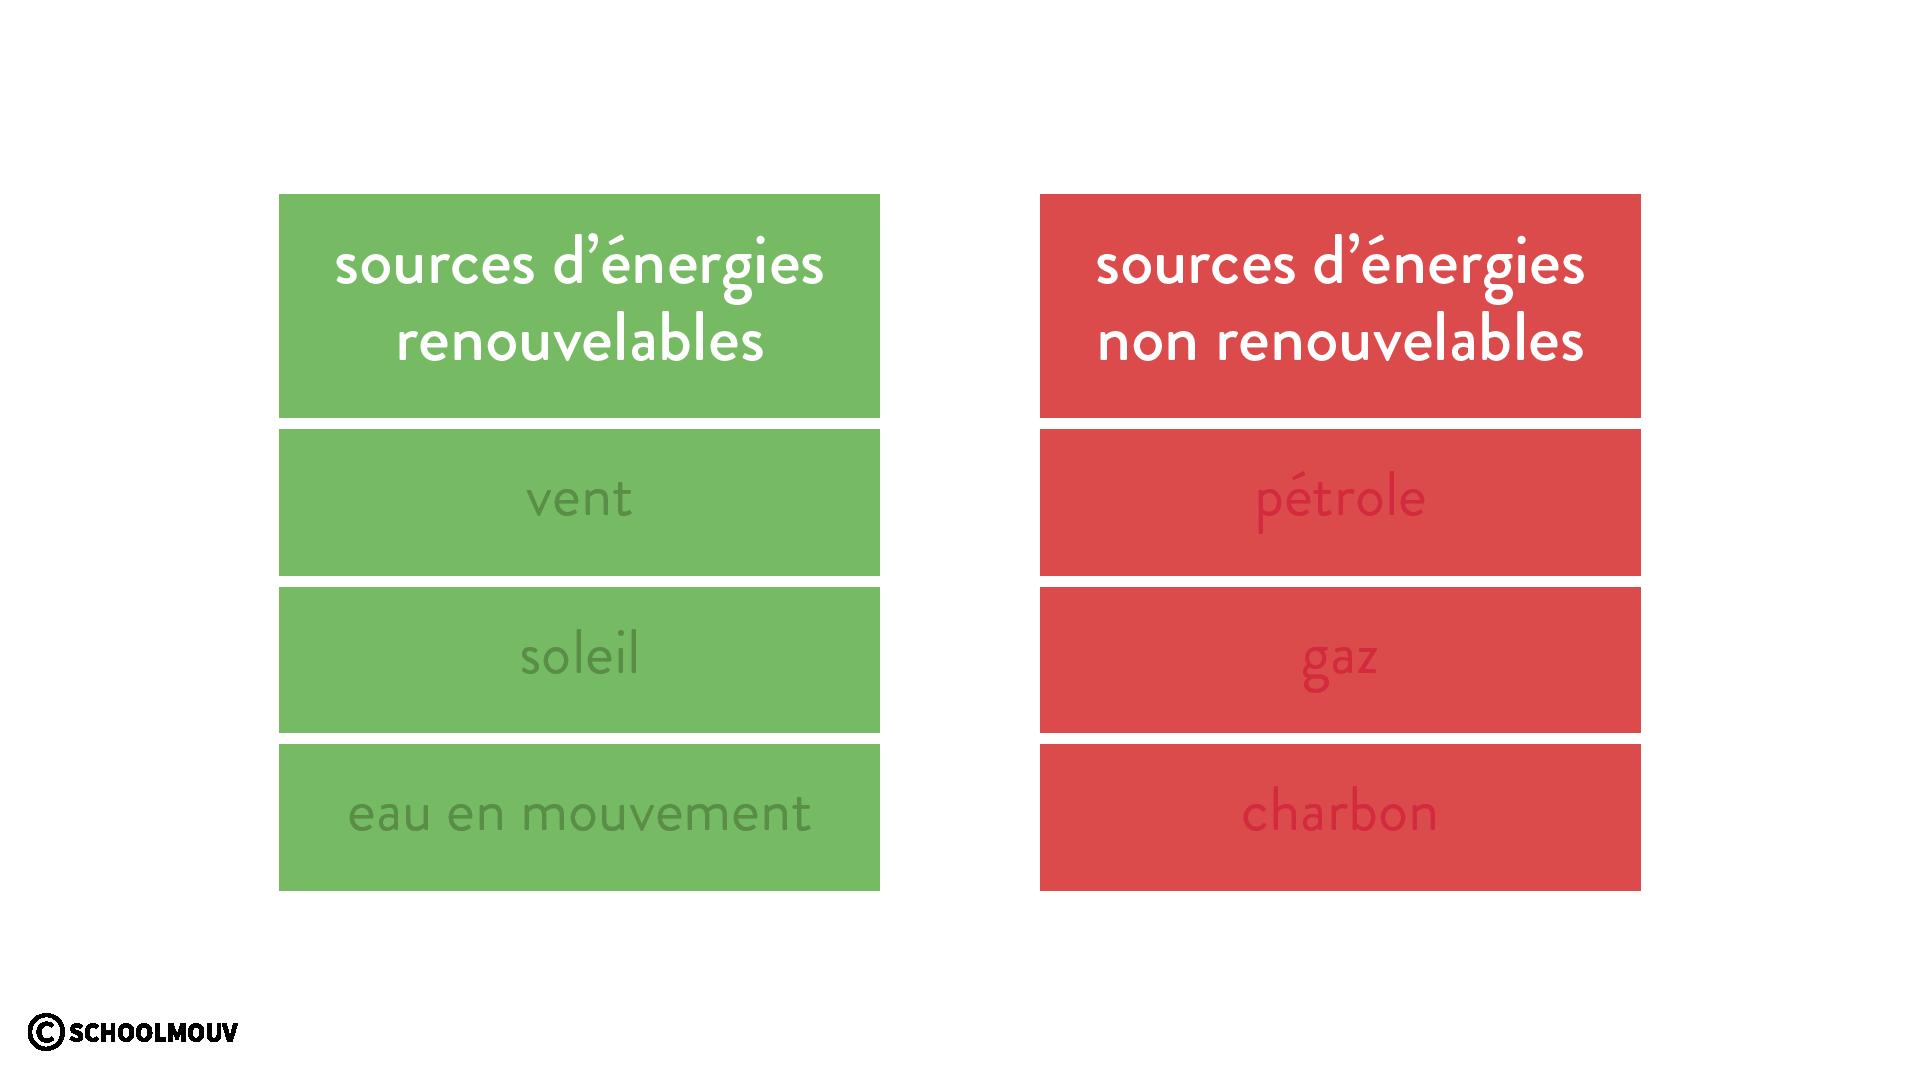 Les différentes sources d'énergie renouvelable ou non vent soleil eau en mouvement pétrole gaz charbon